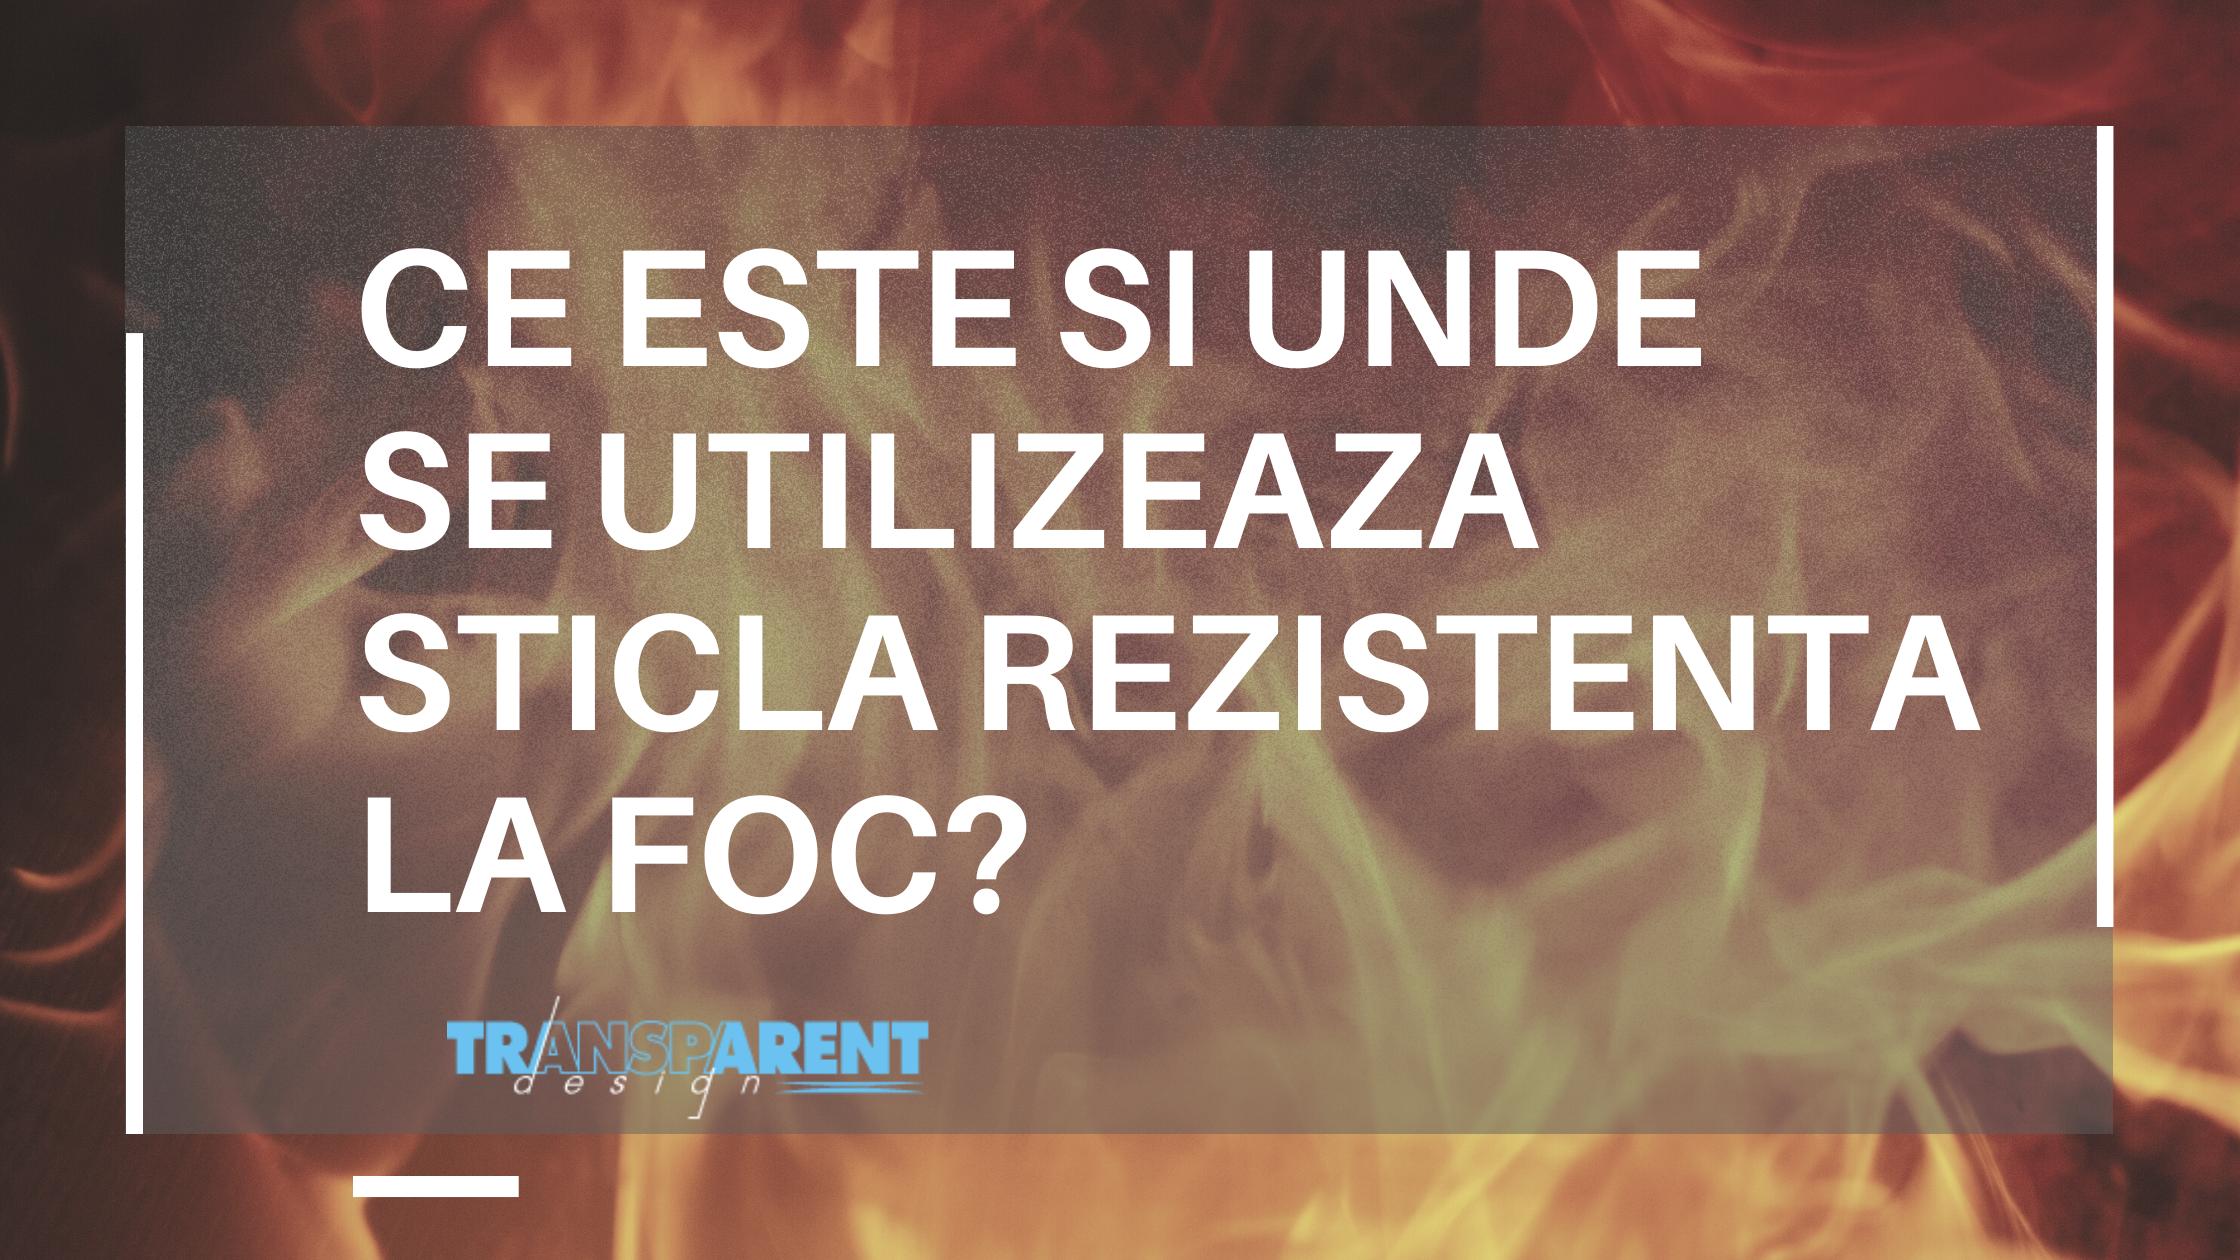 Ce este si unde se utilizeaza sticla rezistenta la foc?